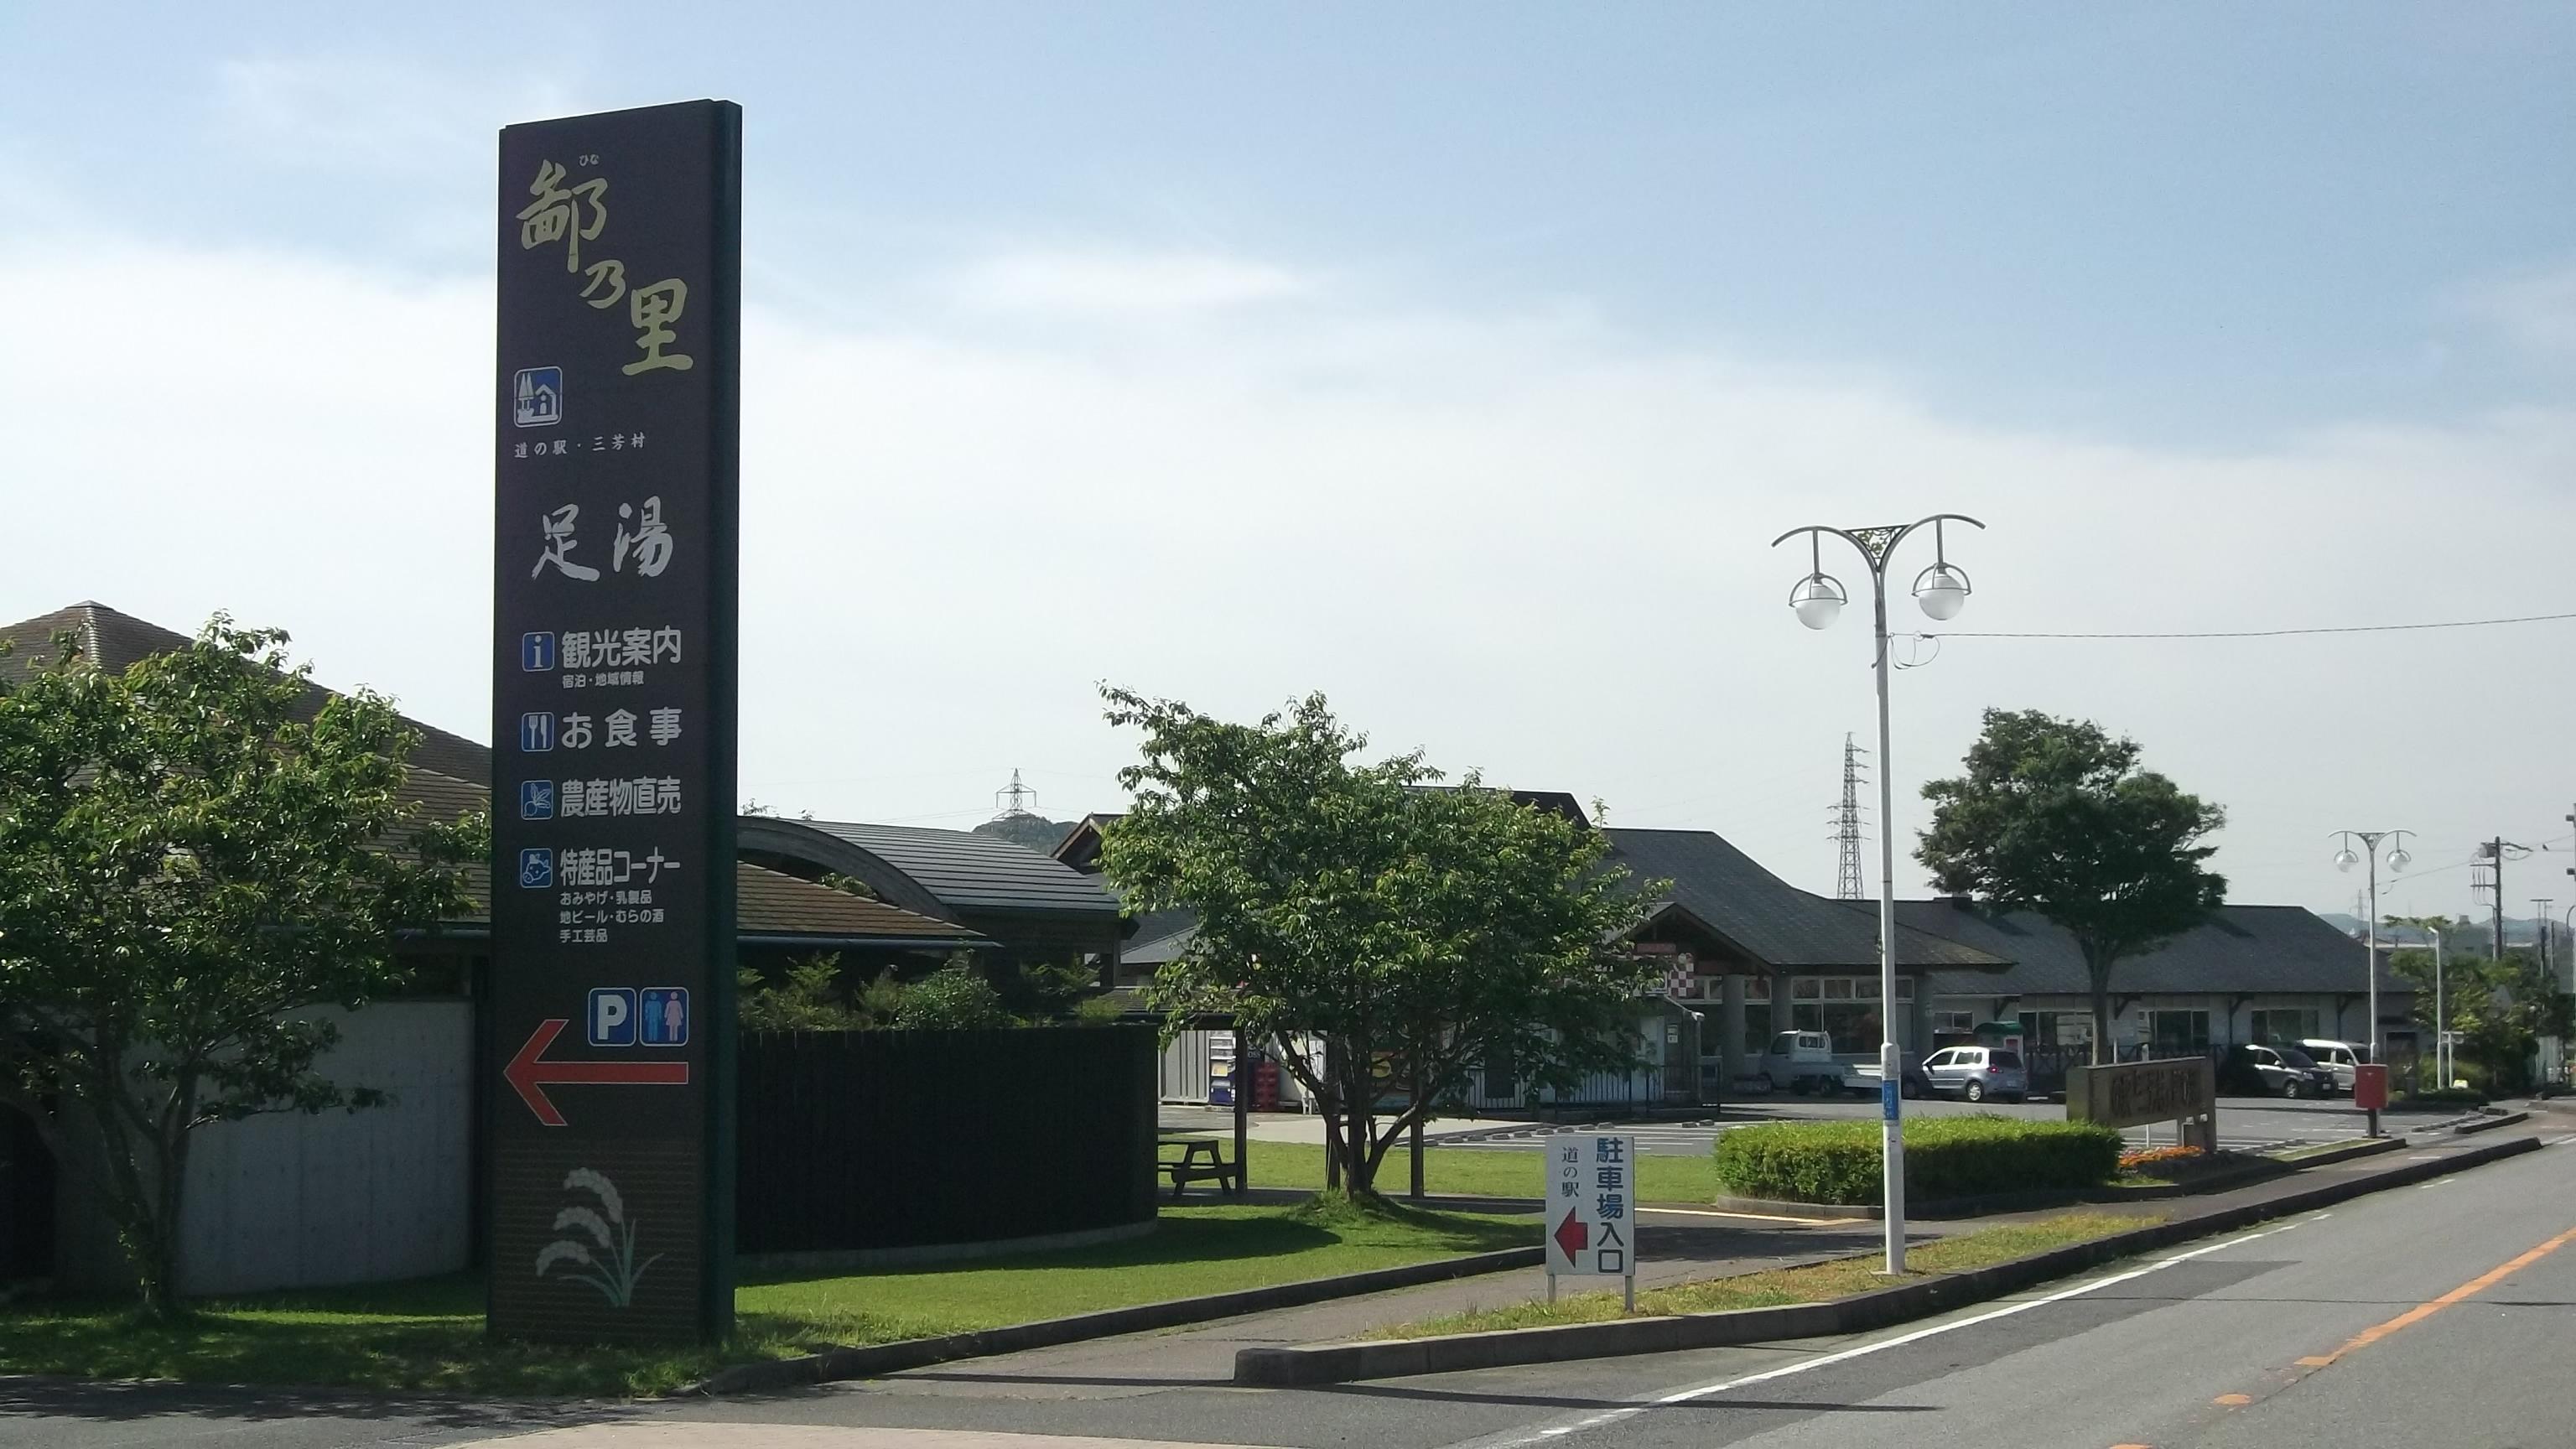 酪農発祥の地 道の駅「三芳村・鄙の里」